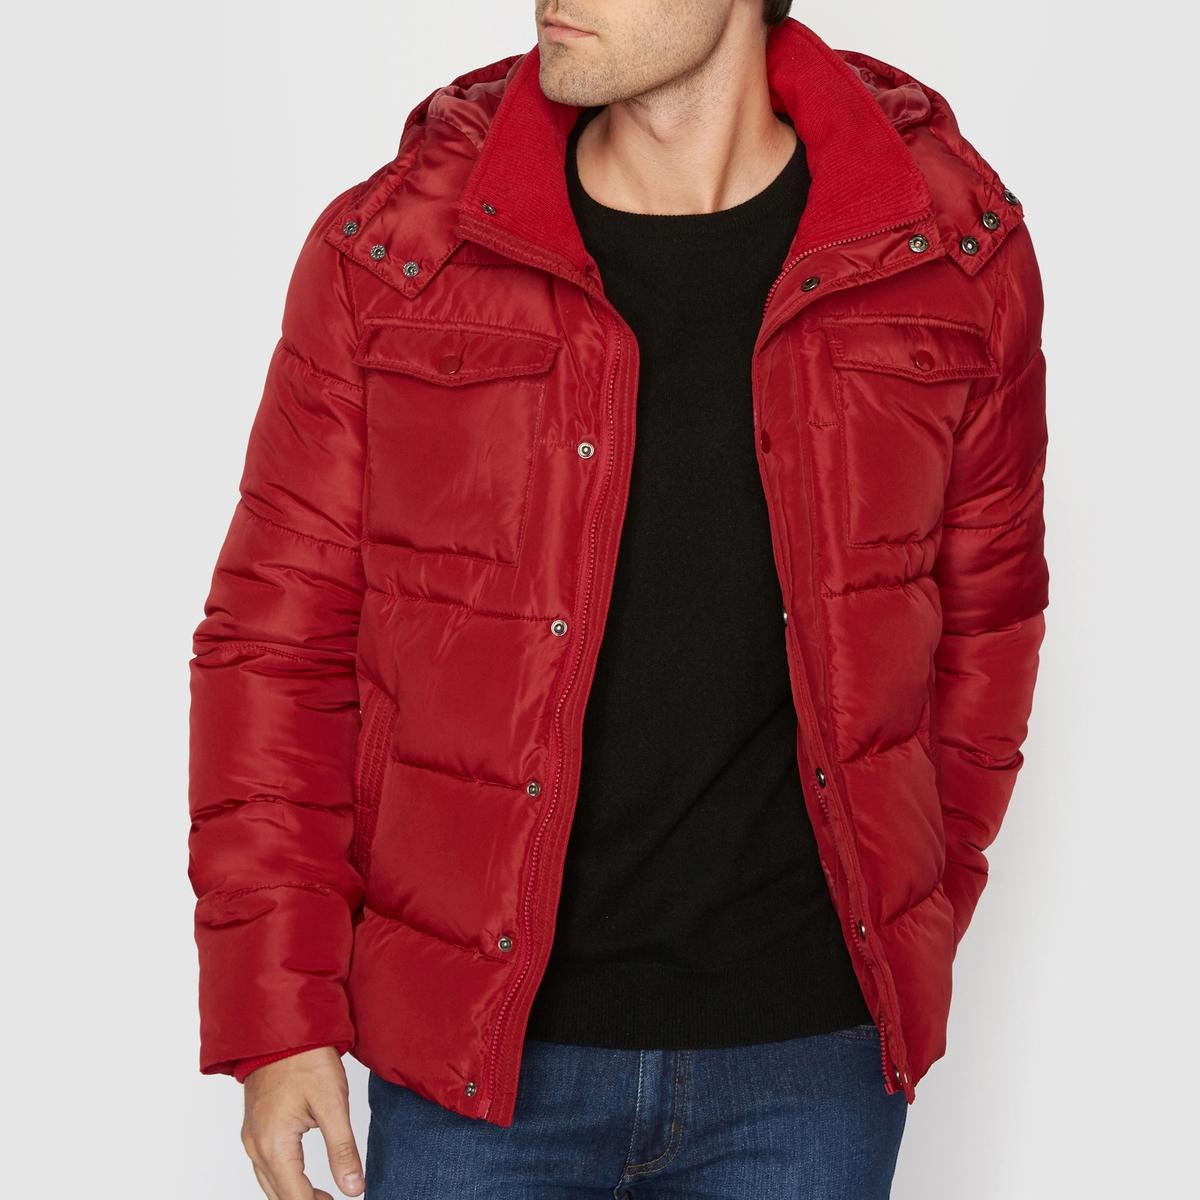 Куртка стеганая миди с капюшономМатериал : 100% полиэстерМарка :      R ?ditionНагрудные, боковые и внутренний карманы.Подкладка из 100% полиэстера..Застежка на молнию.<br><br>Цвет: бордовый,темно-синий<br>Размер: S.M.XXL